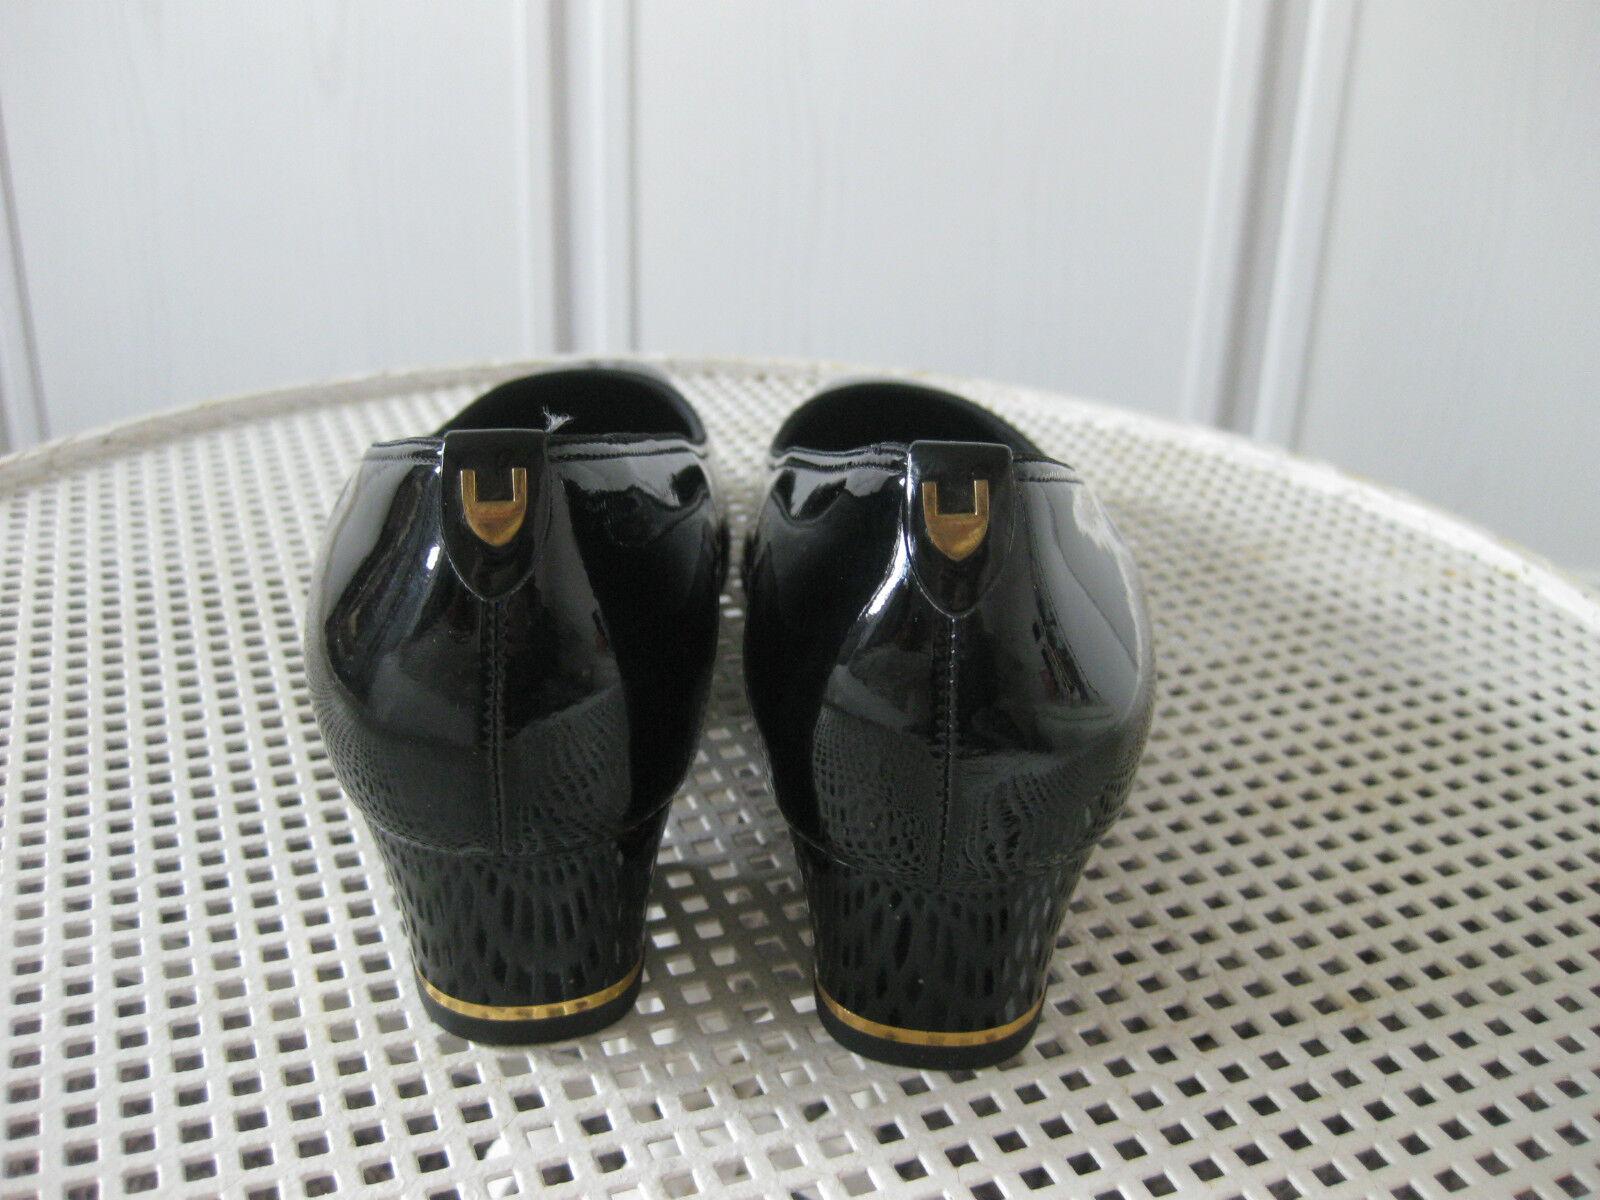 Ara - edle Pumps Gr. 6,5 Lackleder Lackleder Lackleder schwarz  NEU 4e87a6